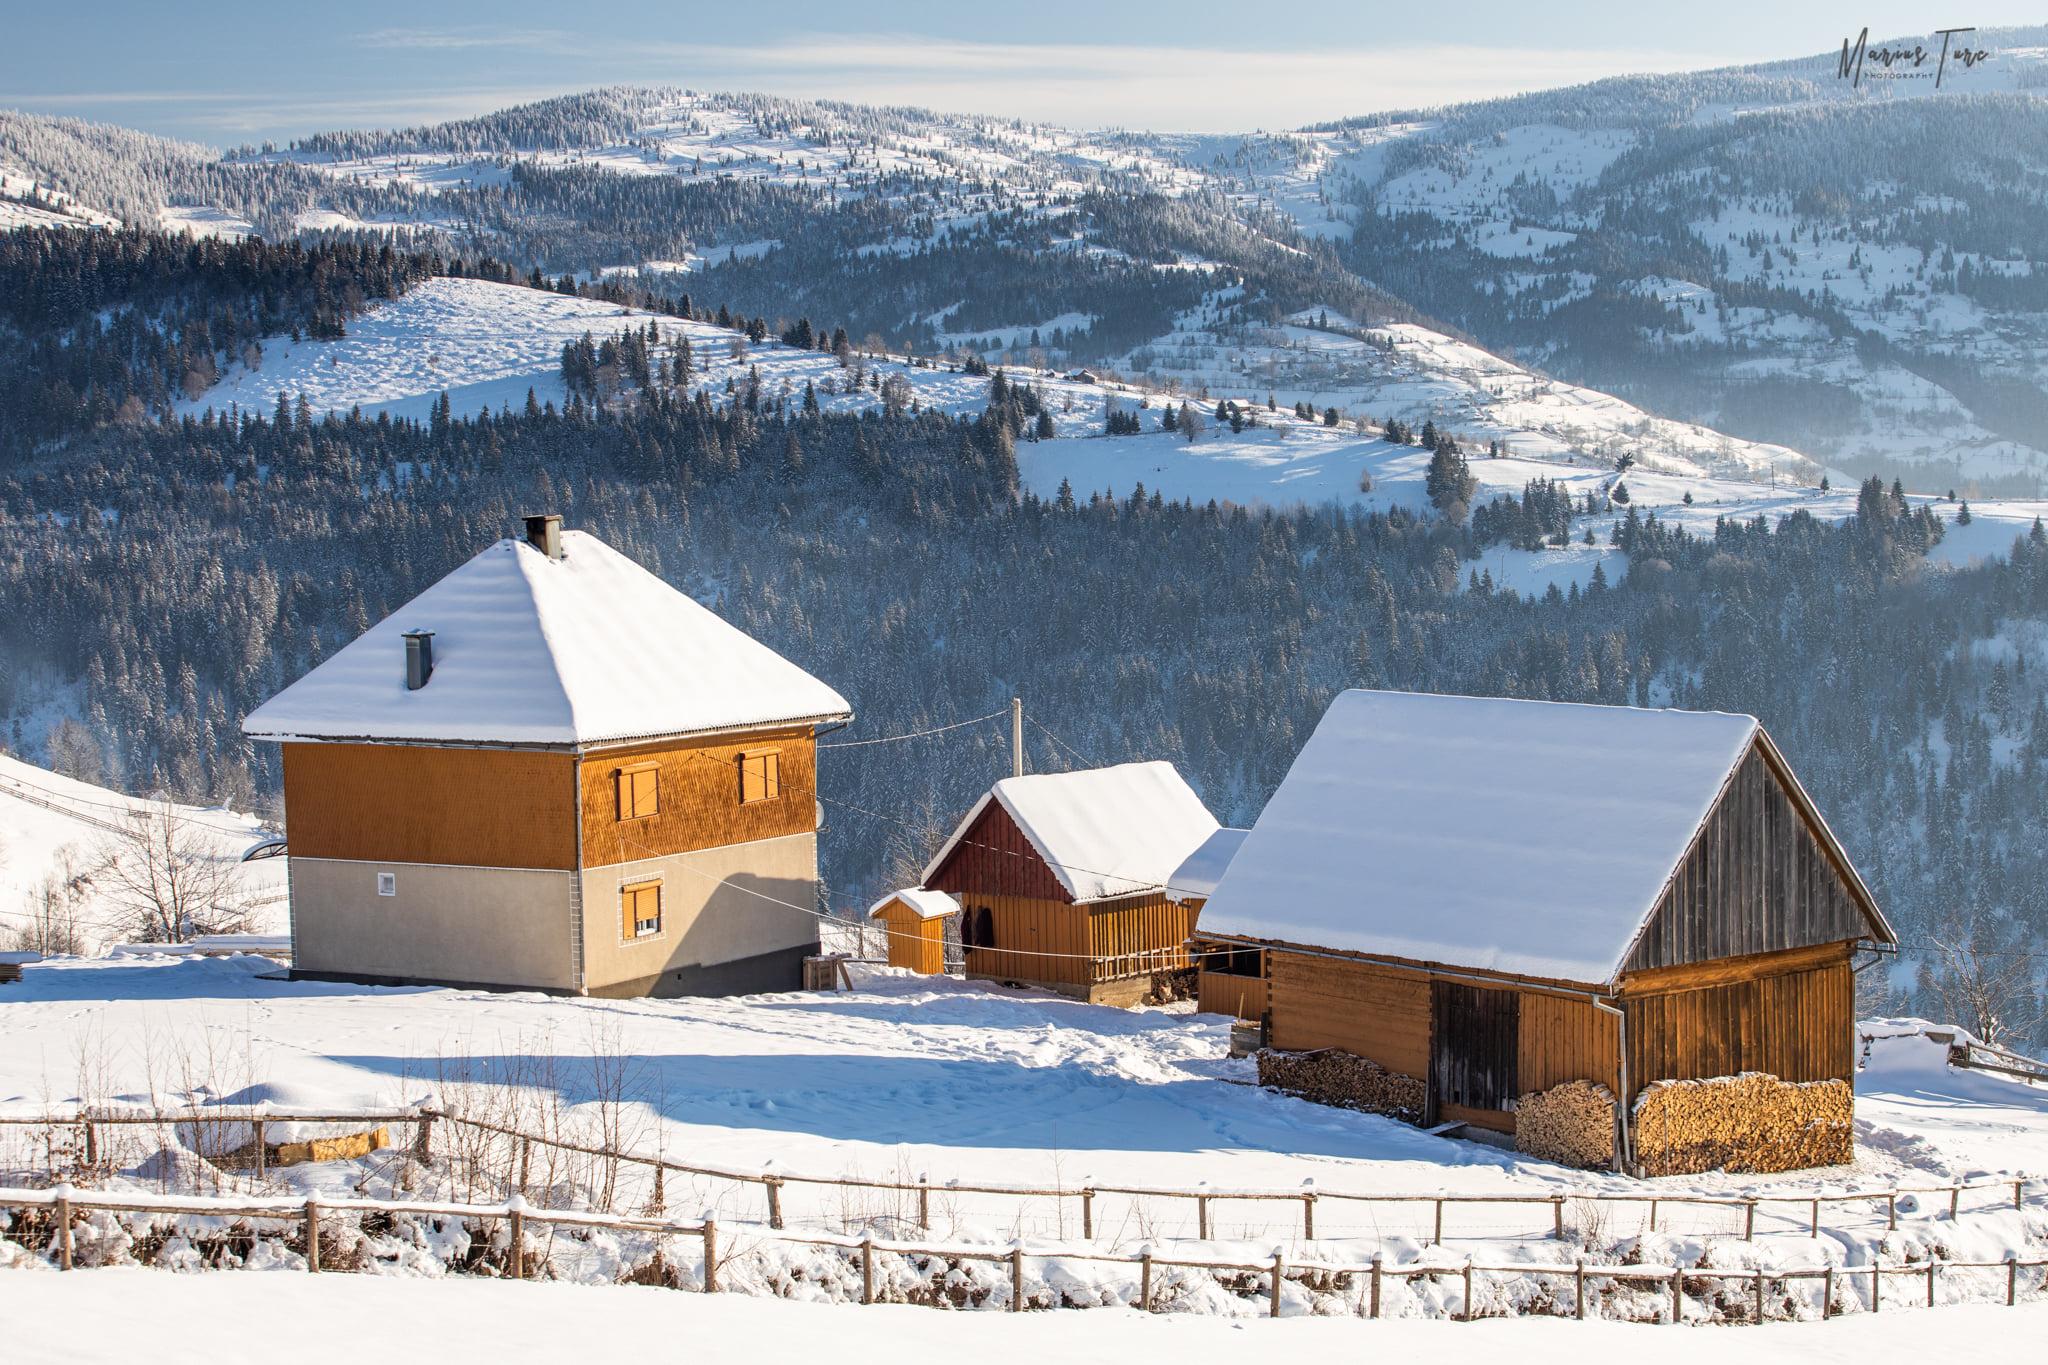 Printre catunele motesti cu case de lemn - Marius Turc